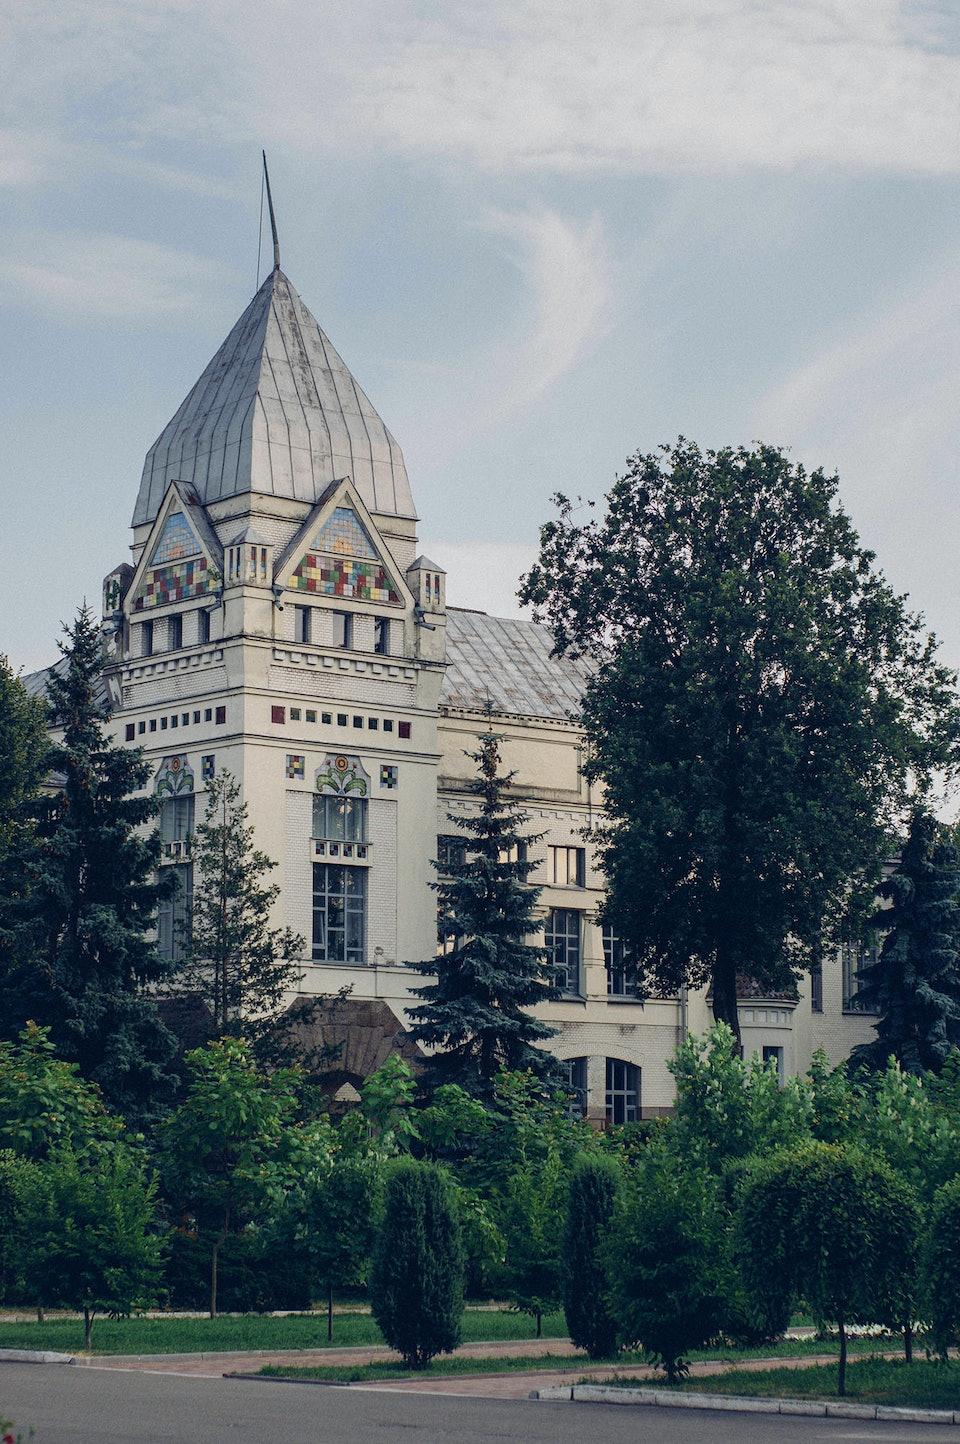 korolenko_zakrevsky_guide_2 областная библиотека имени В. Г. Короленко Чернигов